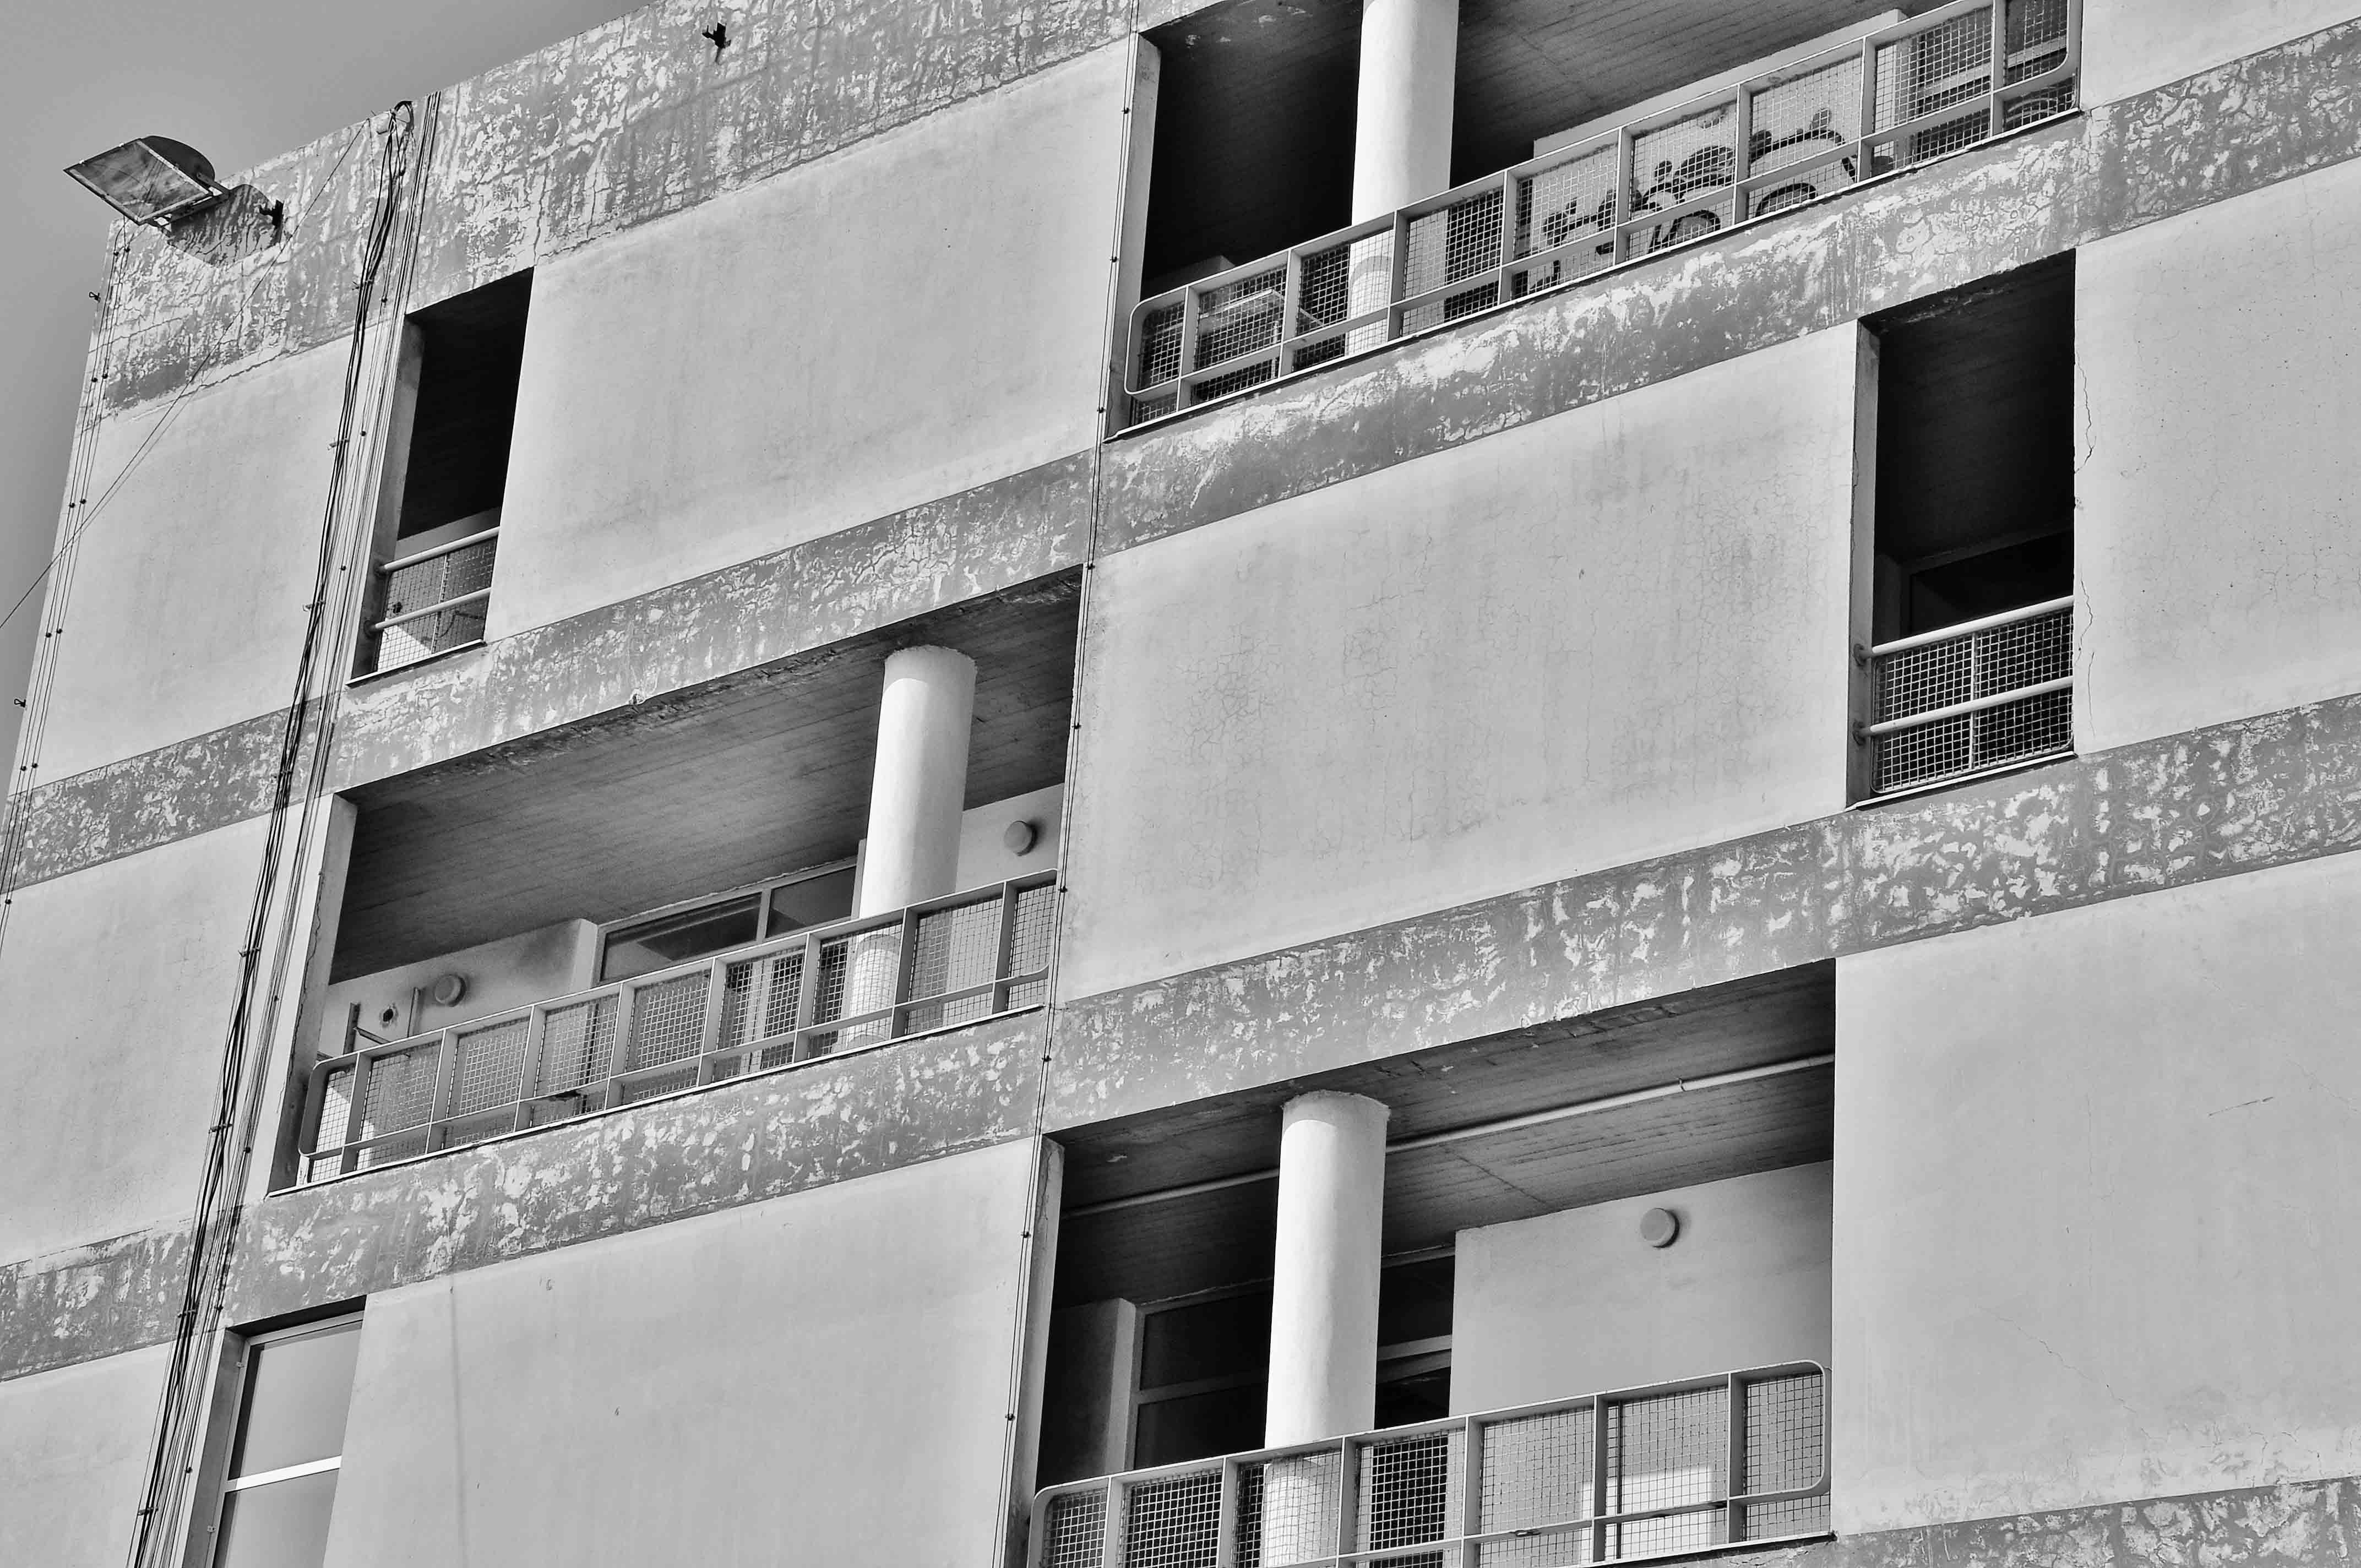 """Γκαλερί Cube - Εγκαίνια έκθεσης Ξενοφώντα Παπαευθυμίου """"Αόρατη Πόλη"""""""